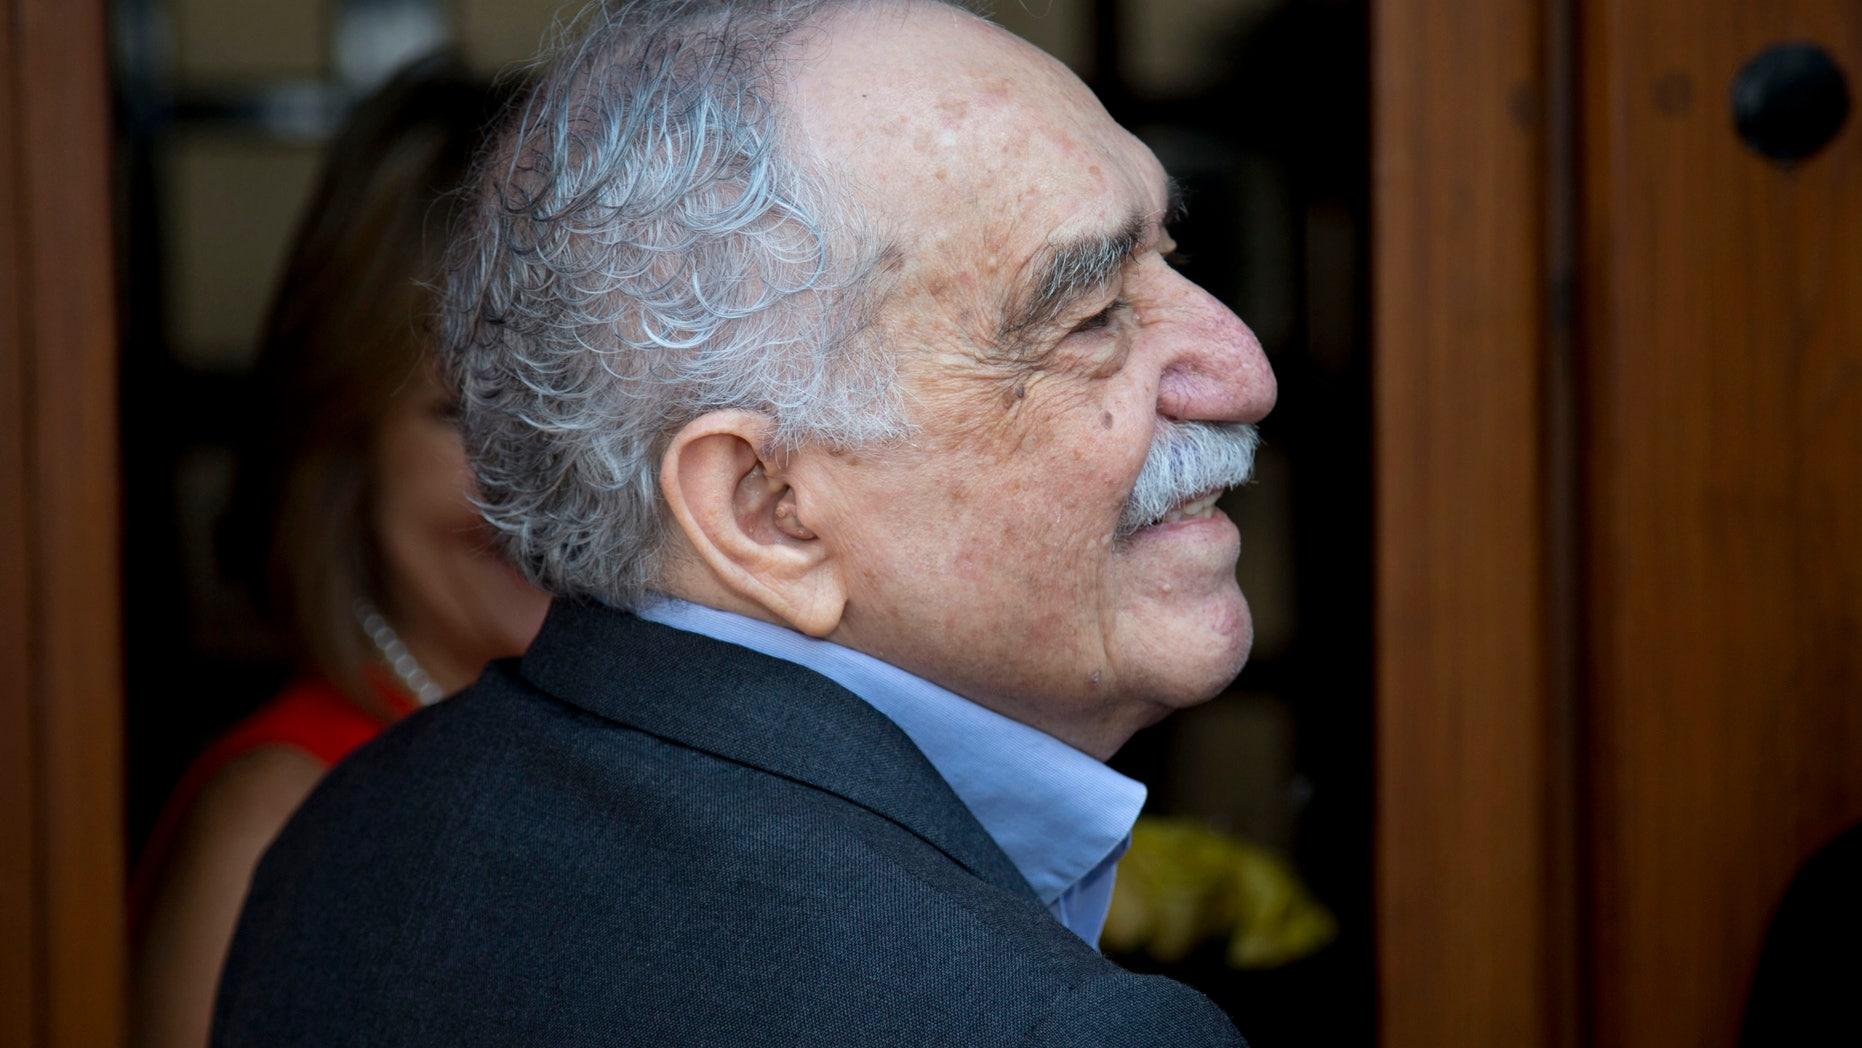 Gabriel Garcia Marquez on March 6, 2014.